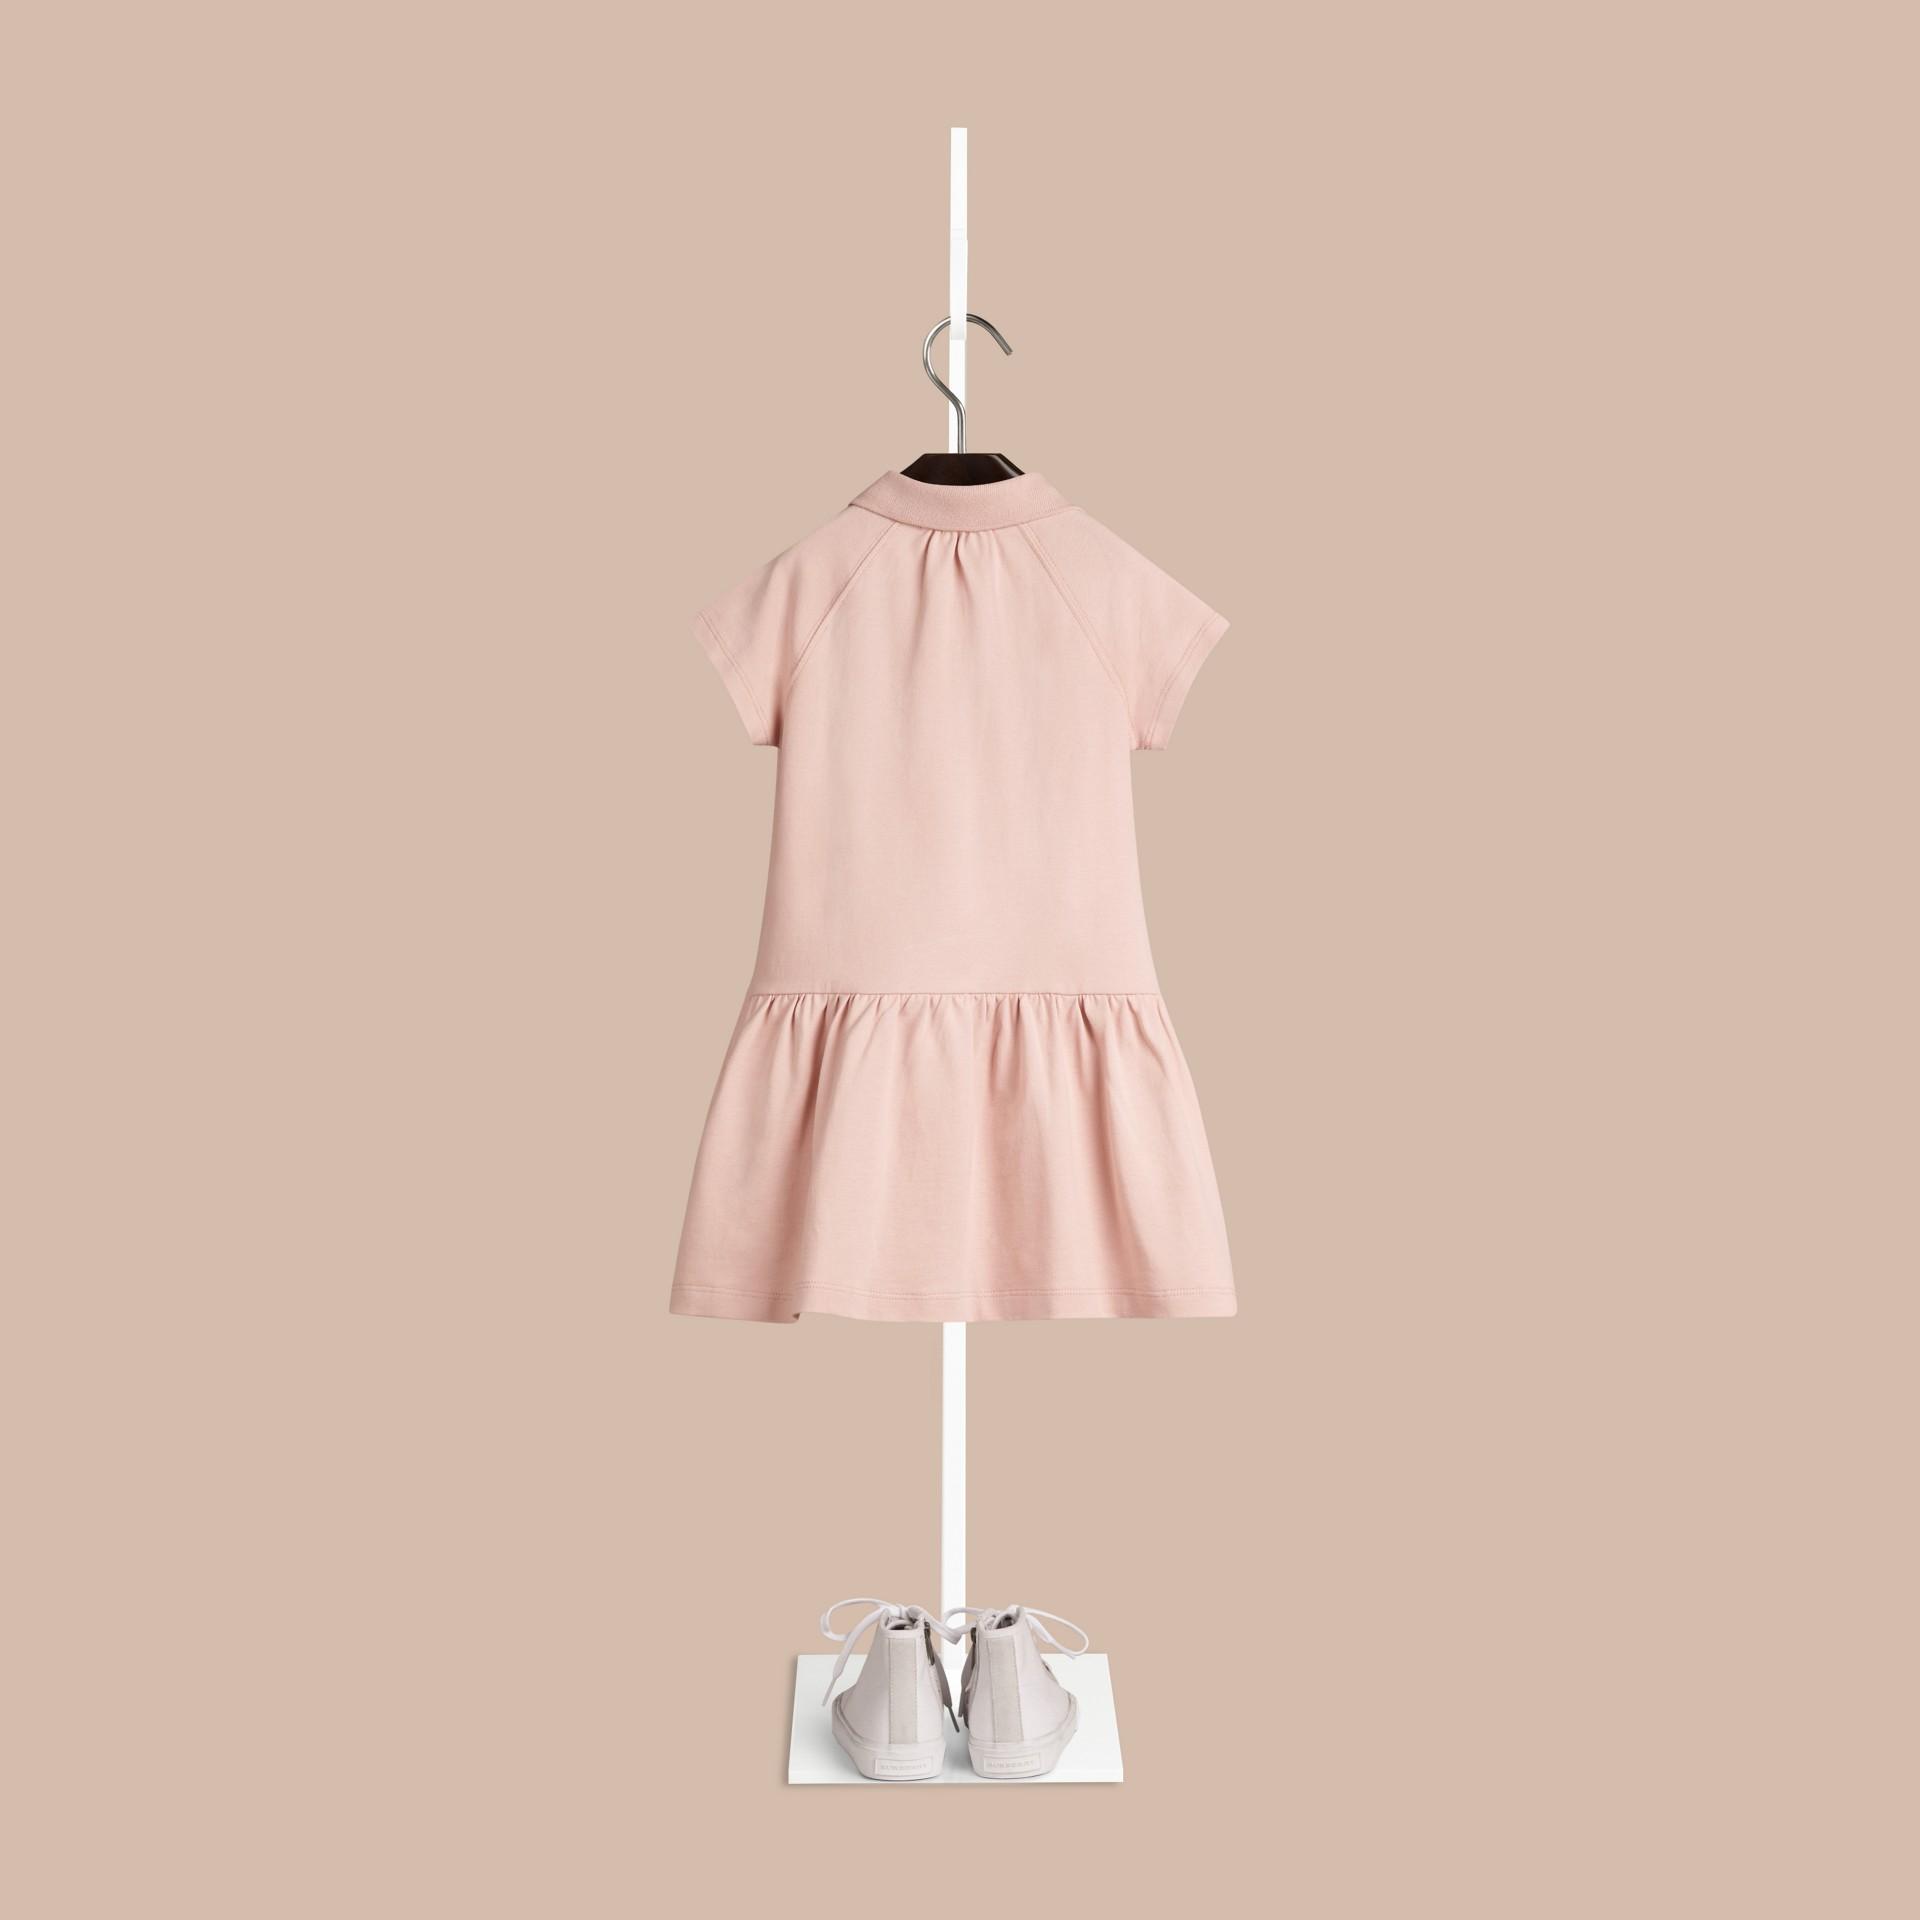 Kreidefarben-rosa T-Shirtkleid aus einer Baumwollmischung mit Check-Knopfleiste Kreidefarben-rosa - Galerie-Bild 2